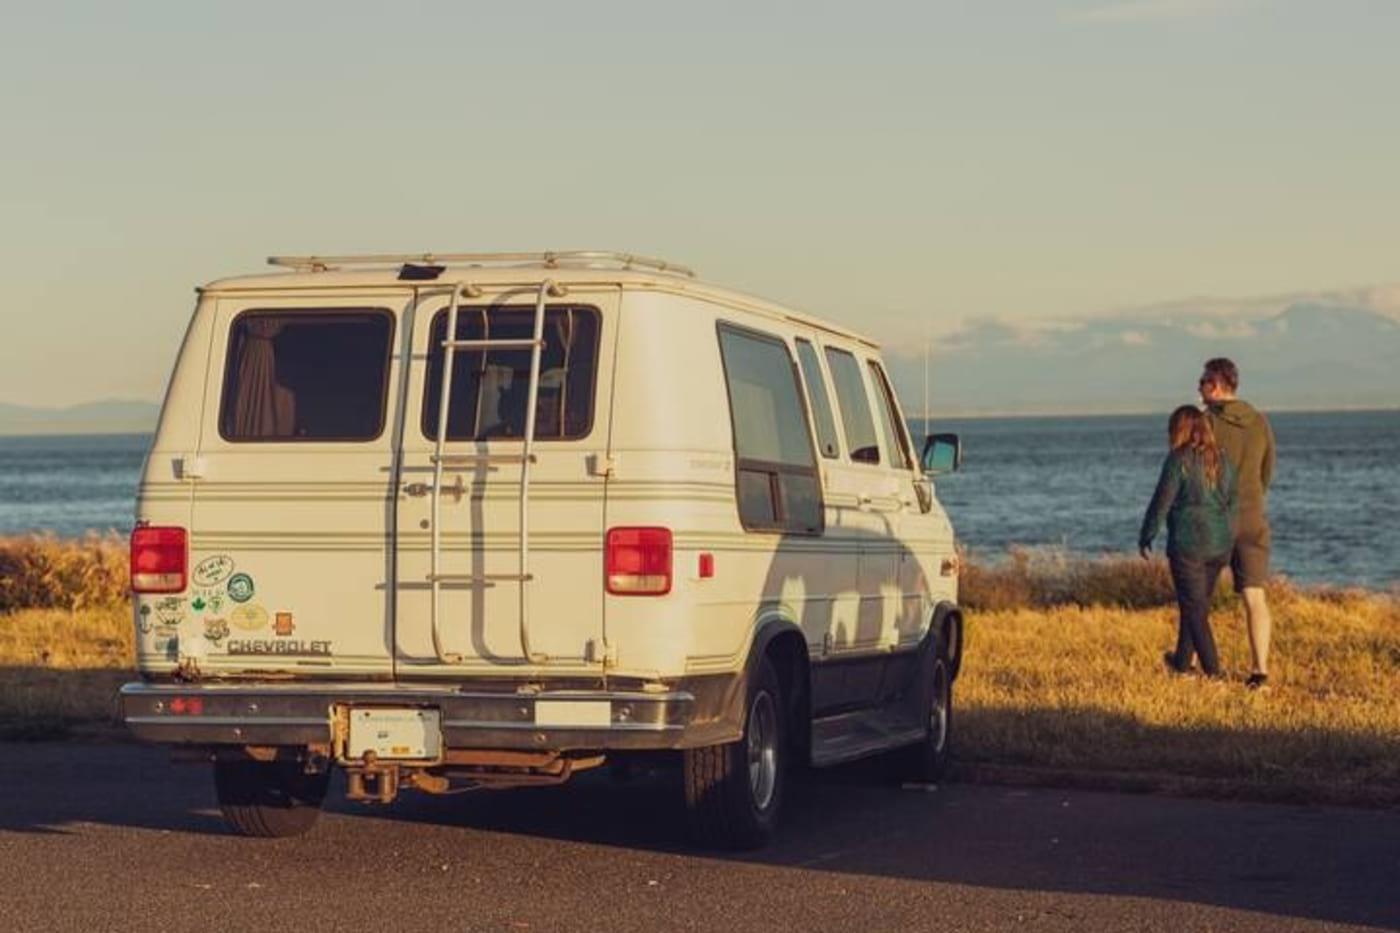 Most Unique Airbnb in Victoria – Island Getaway Campervan